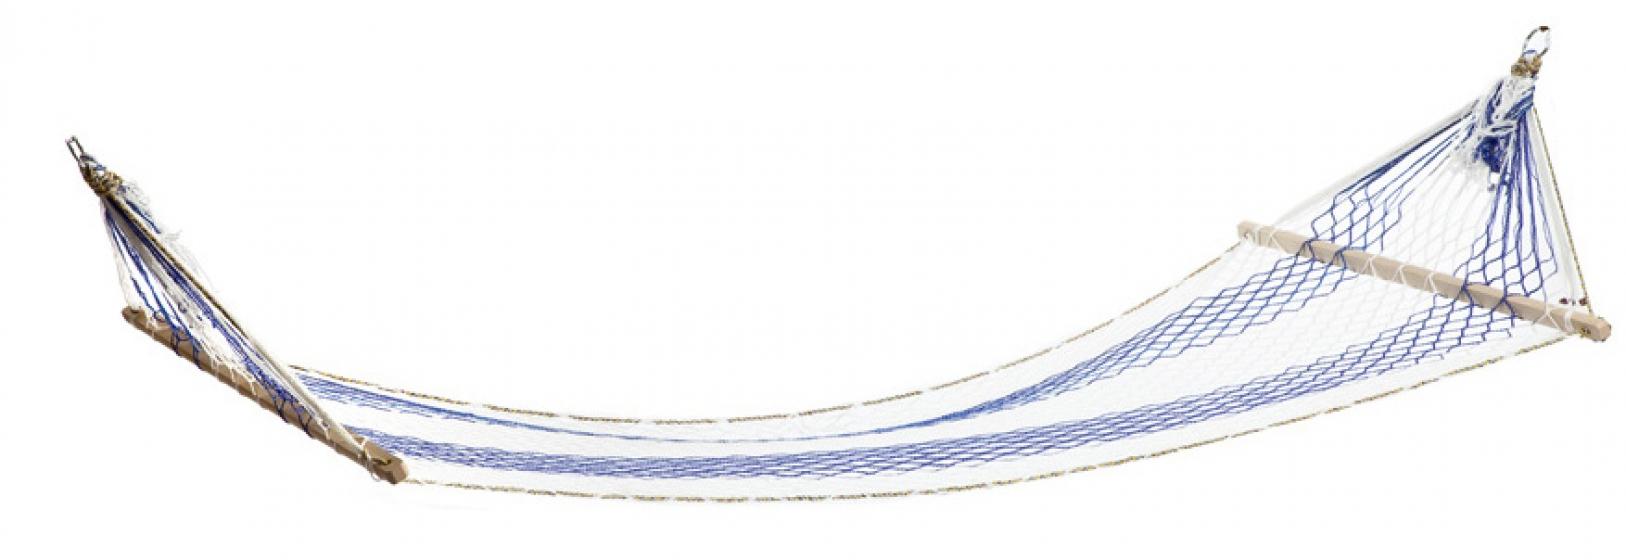 Amaca in fibra sintetica